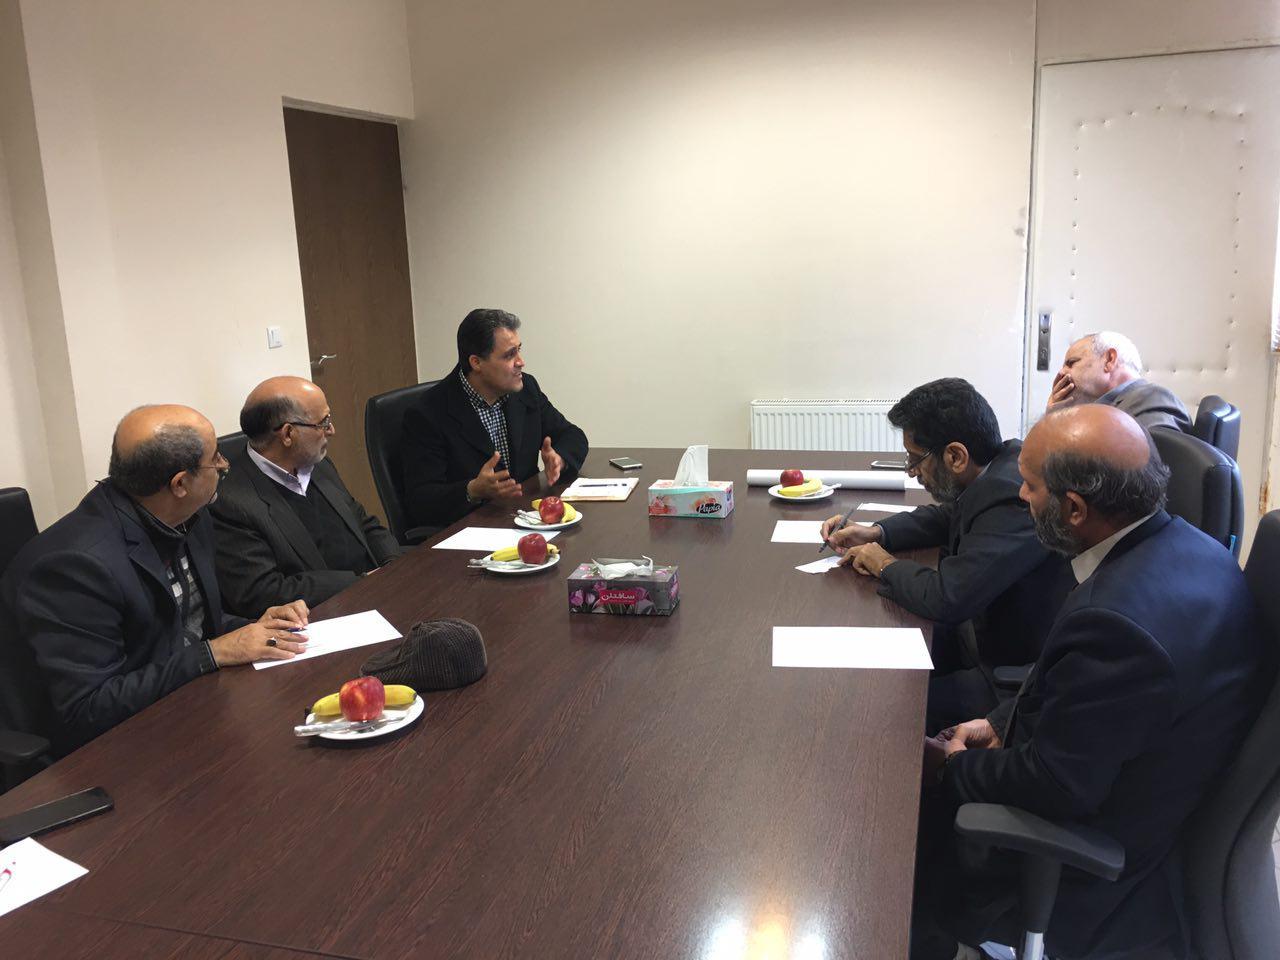 شهرداری کرمانشاه و بنیاد مهدویت در راستای ترویج فرهنگ علوی همکاری میکنند